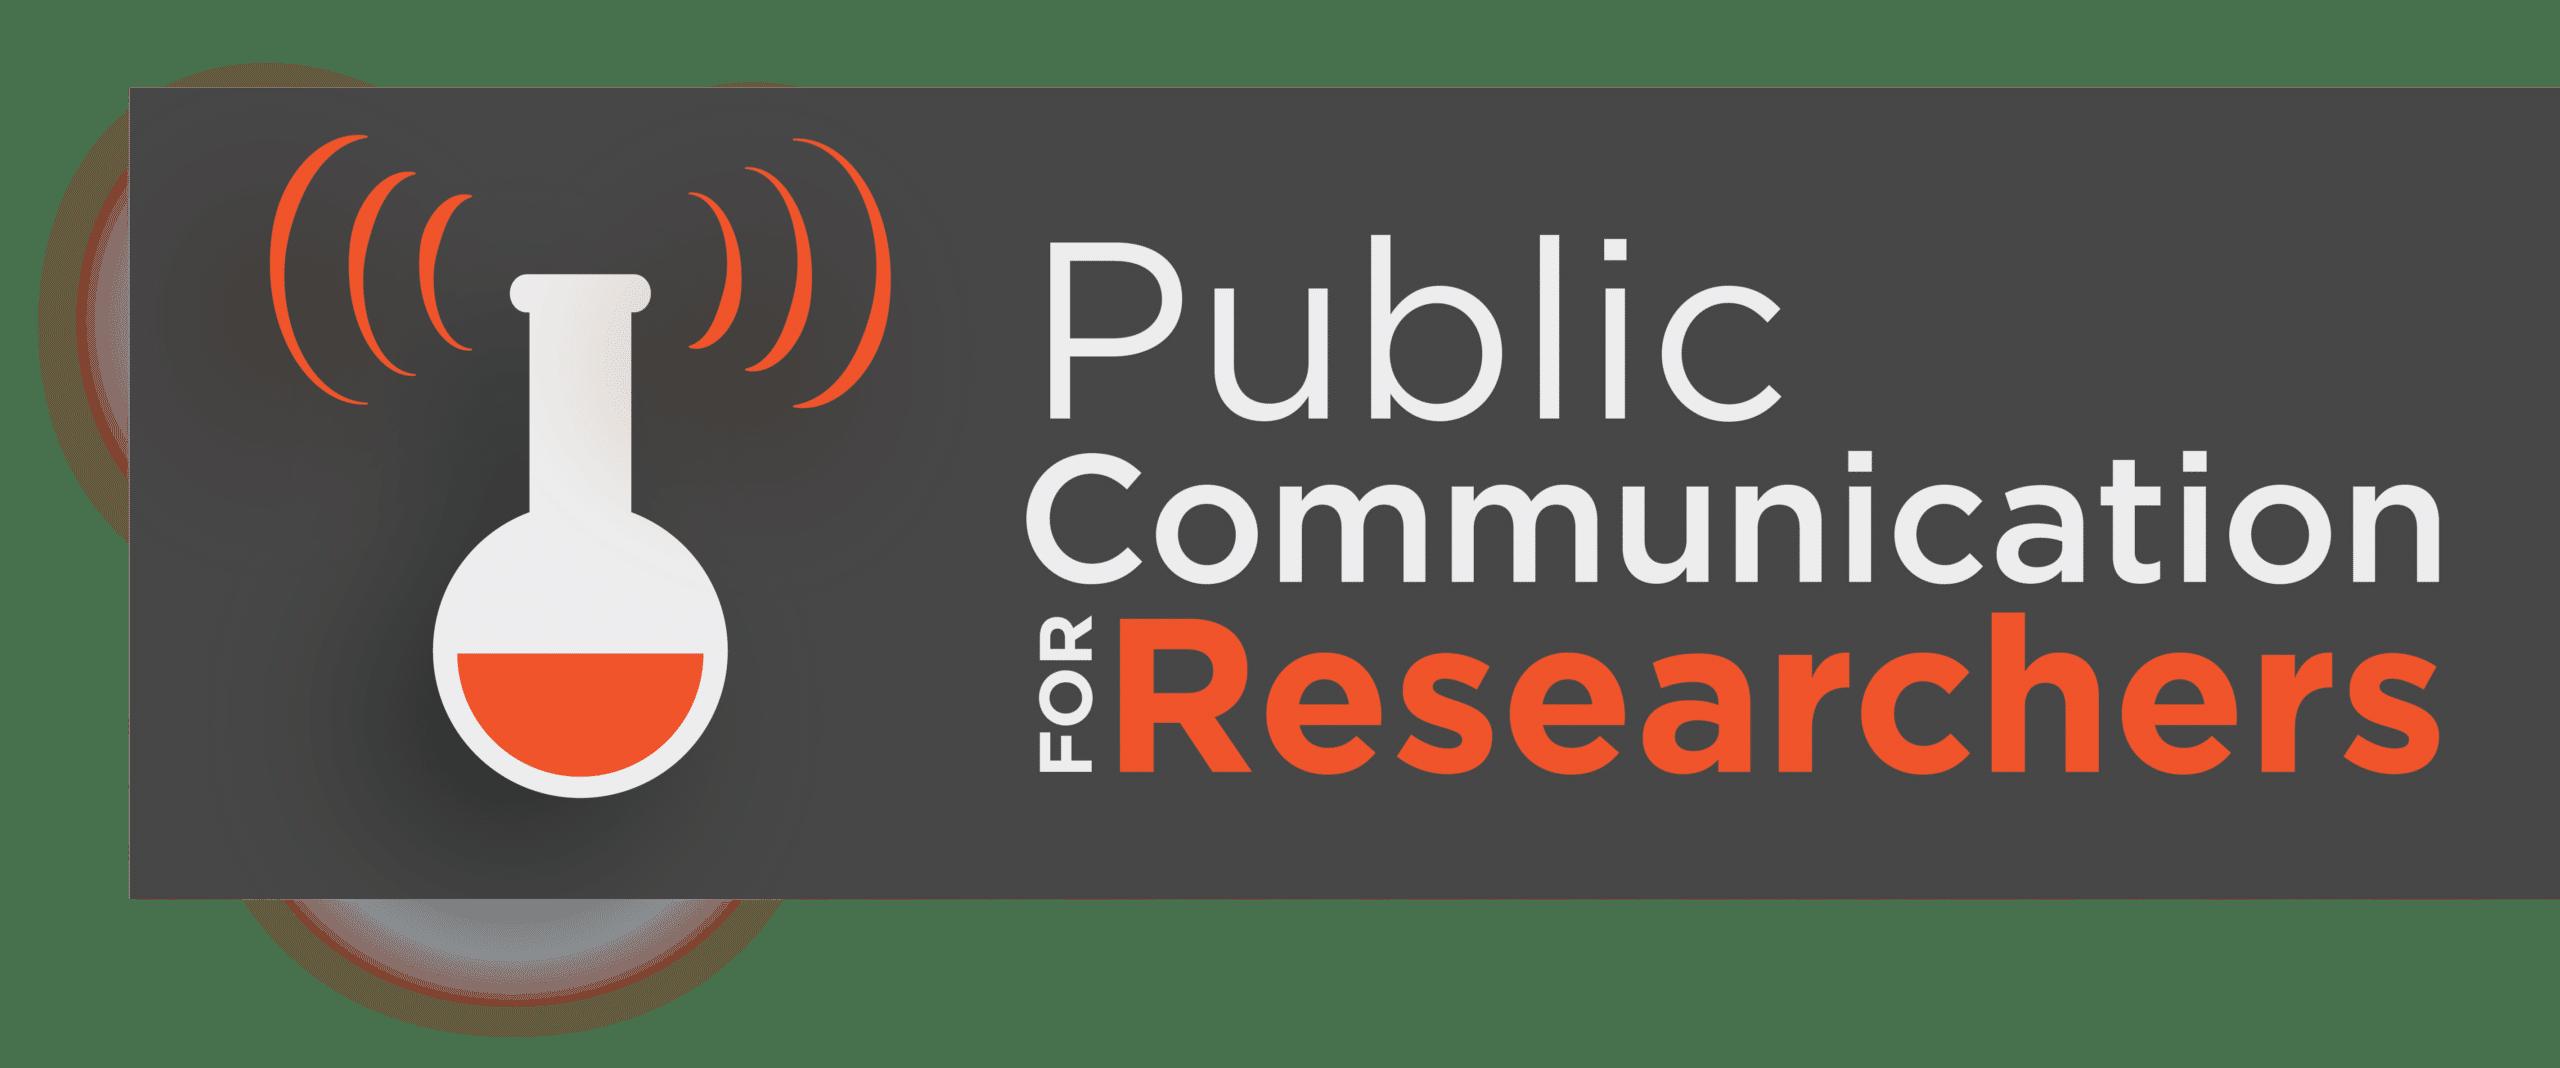 Public Communication for Researchers